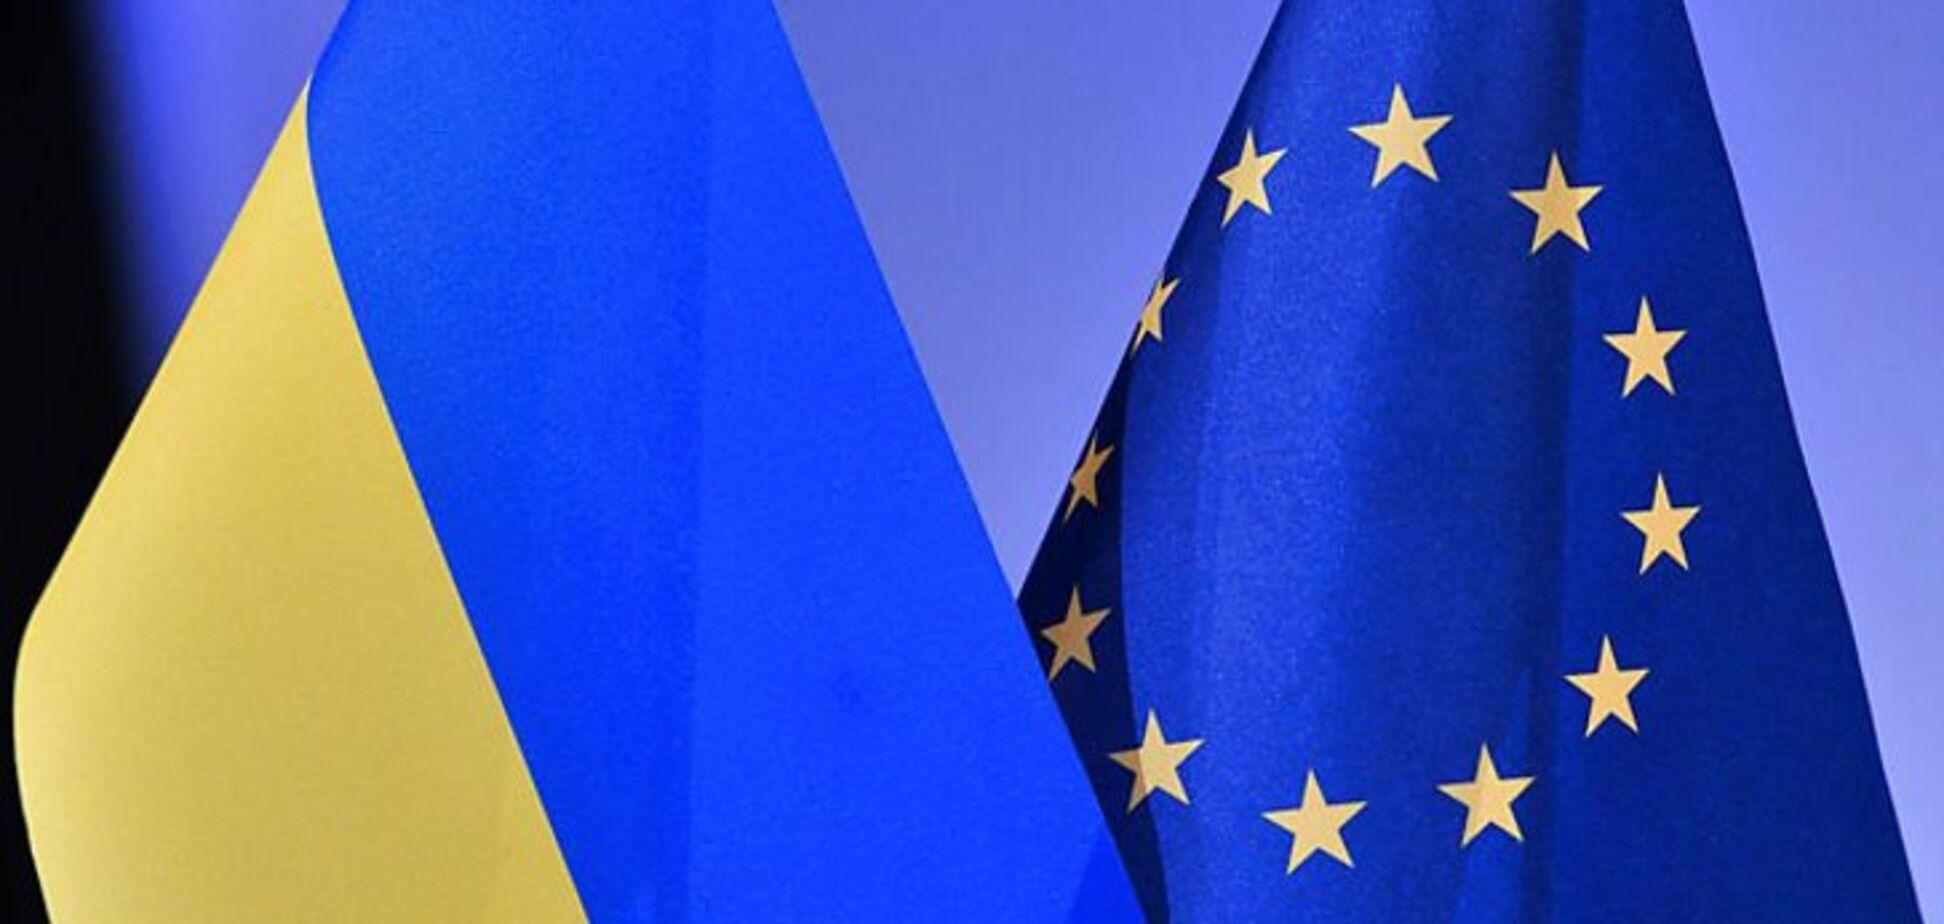 'Делаем все, что можем': в ЕС отреагировали на 'референдум' Путина по Донбассу